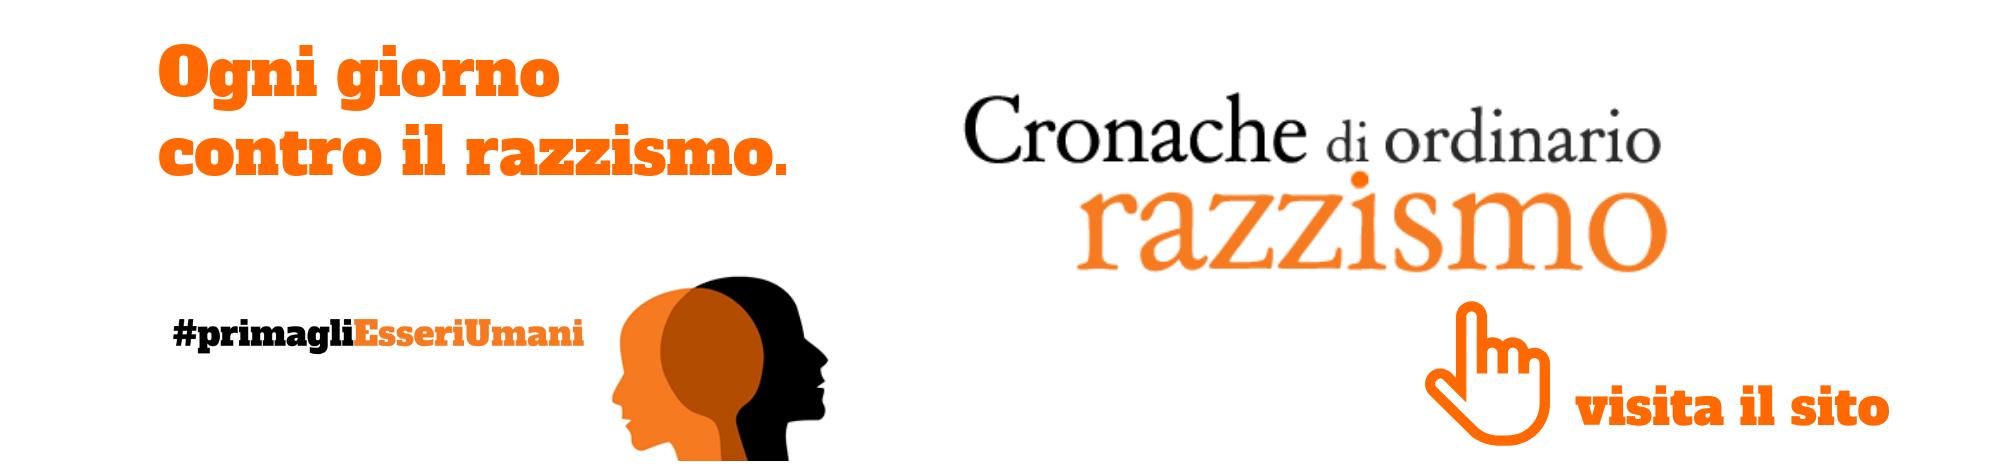 http://www.cronachediordinariorazzismo.org/